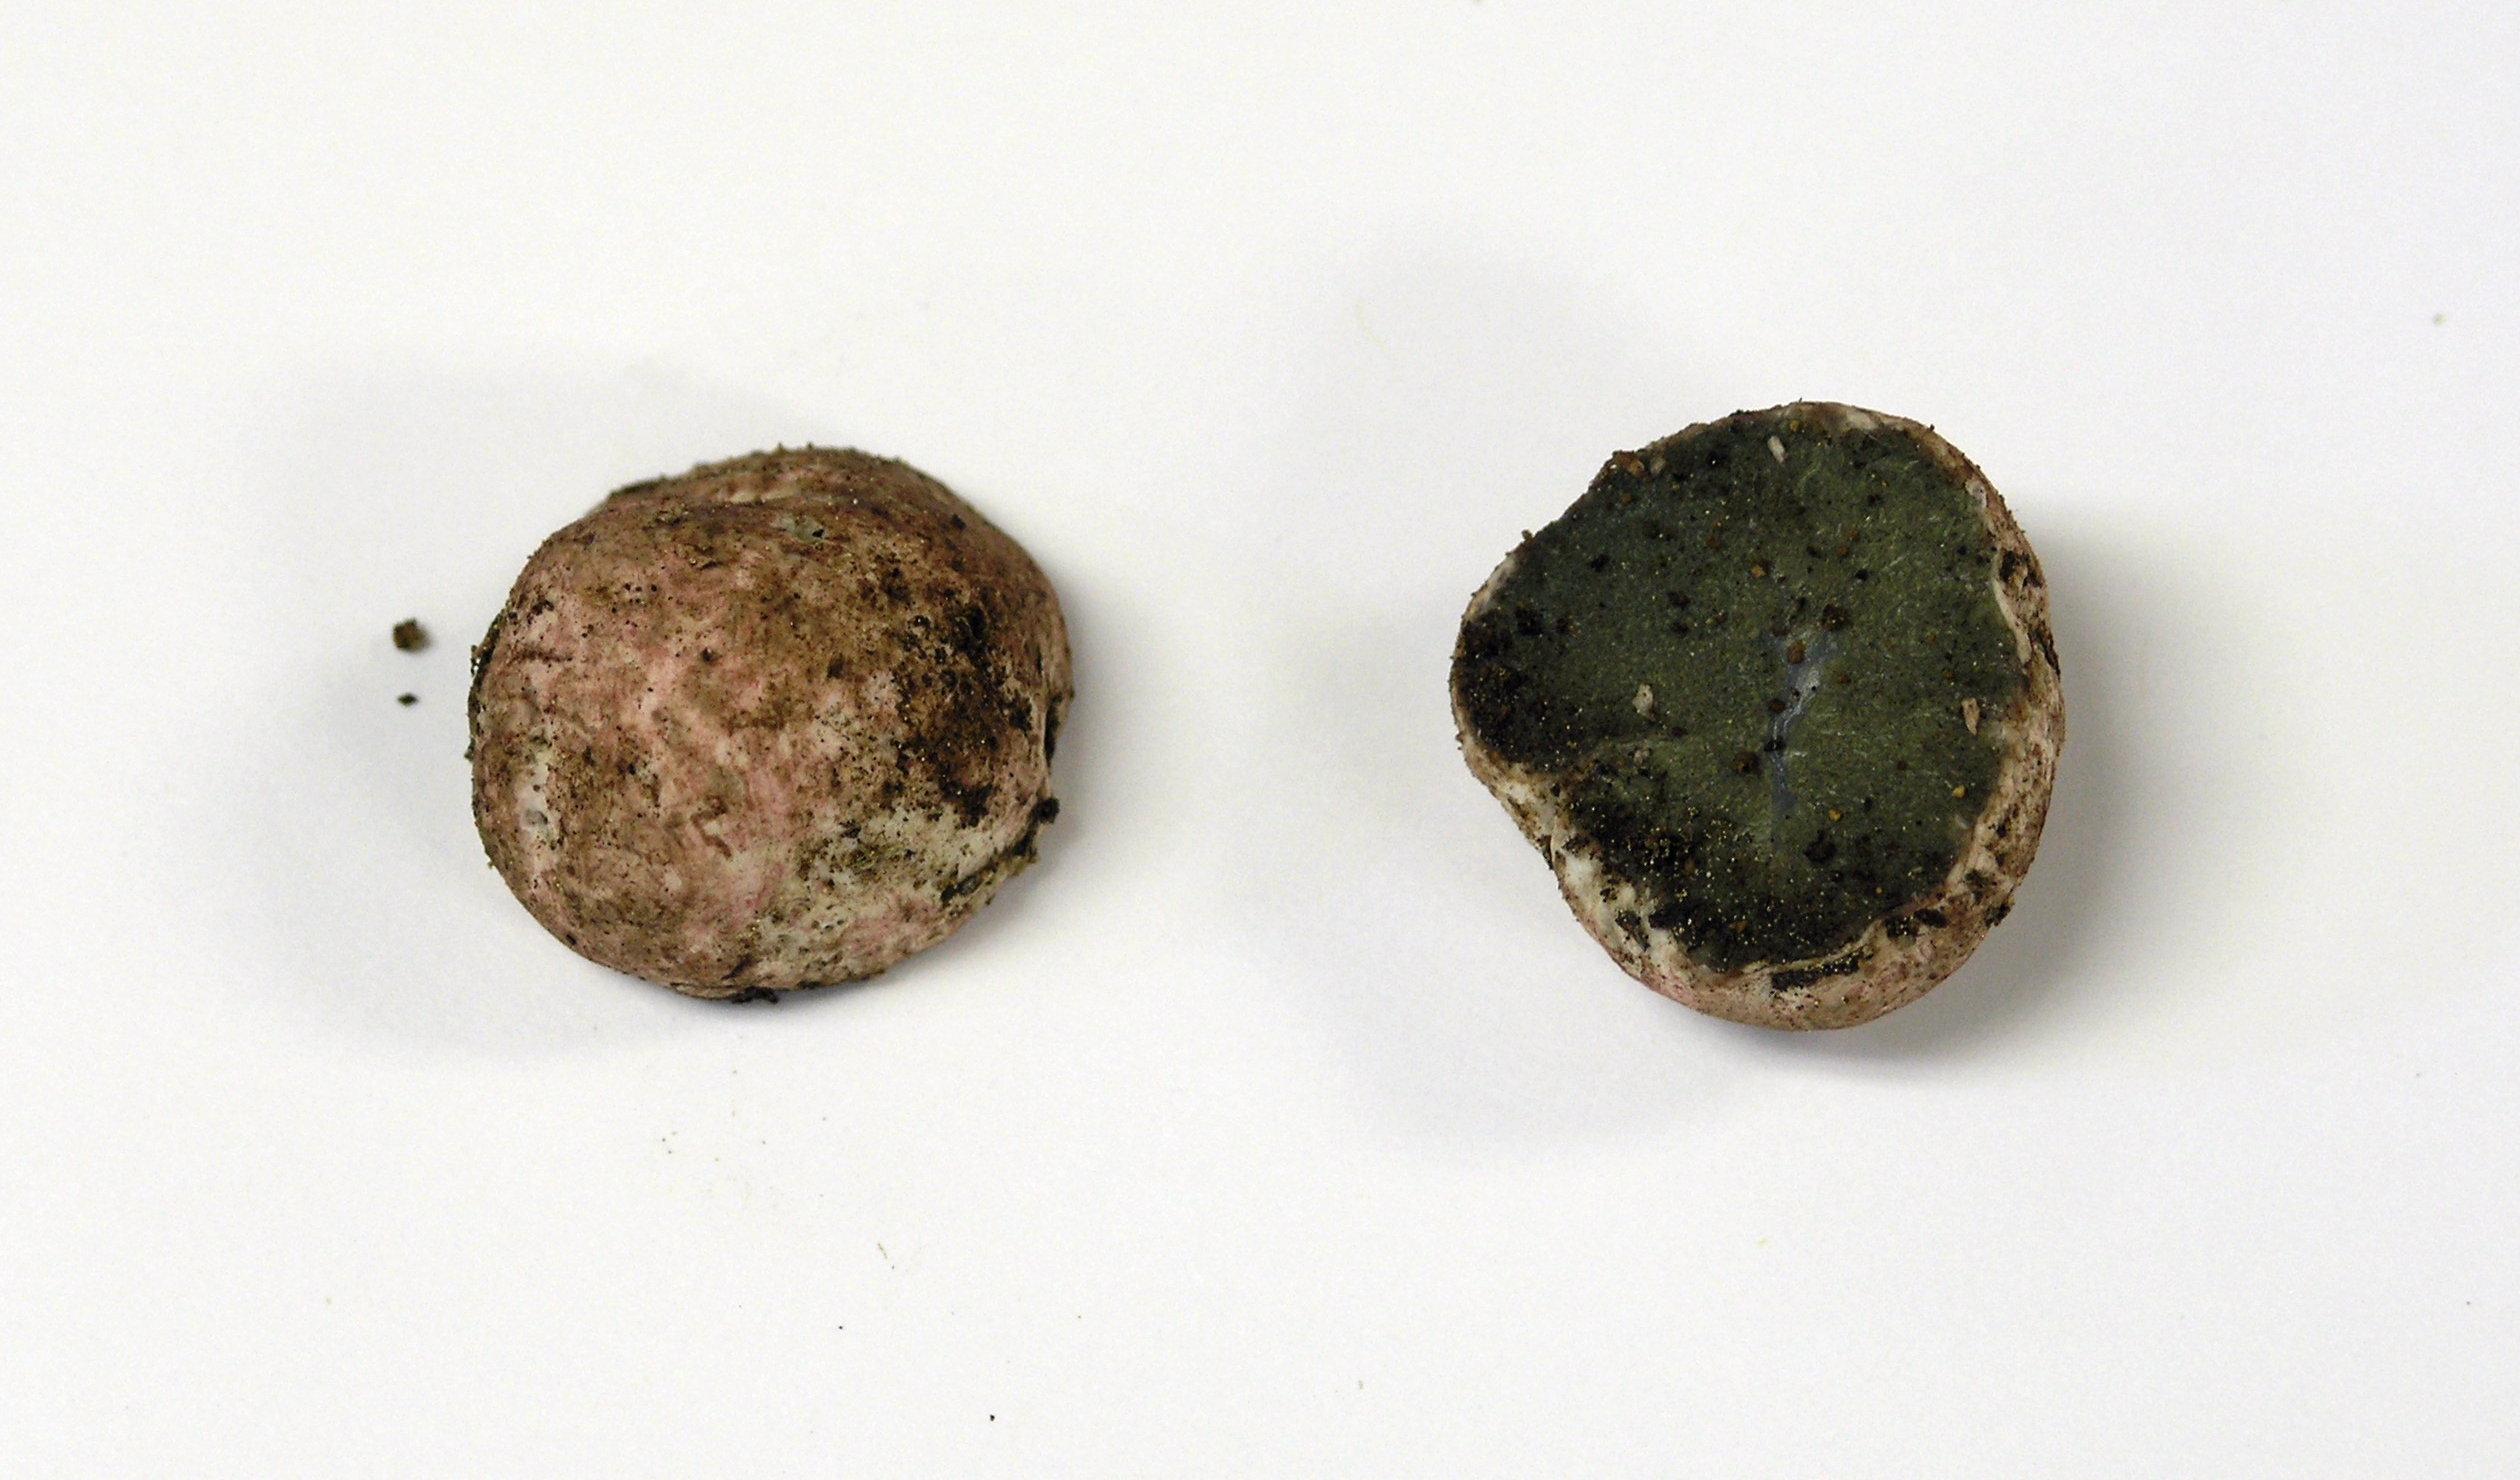 Hysterangium coriaceum image